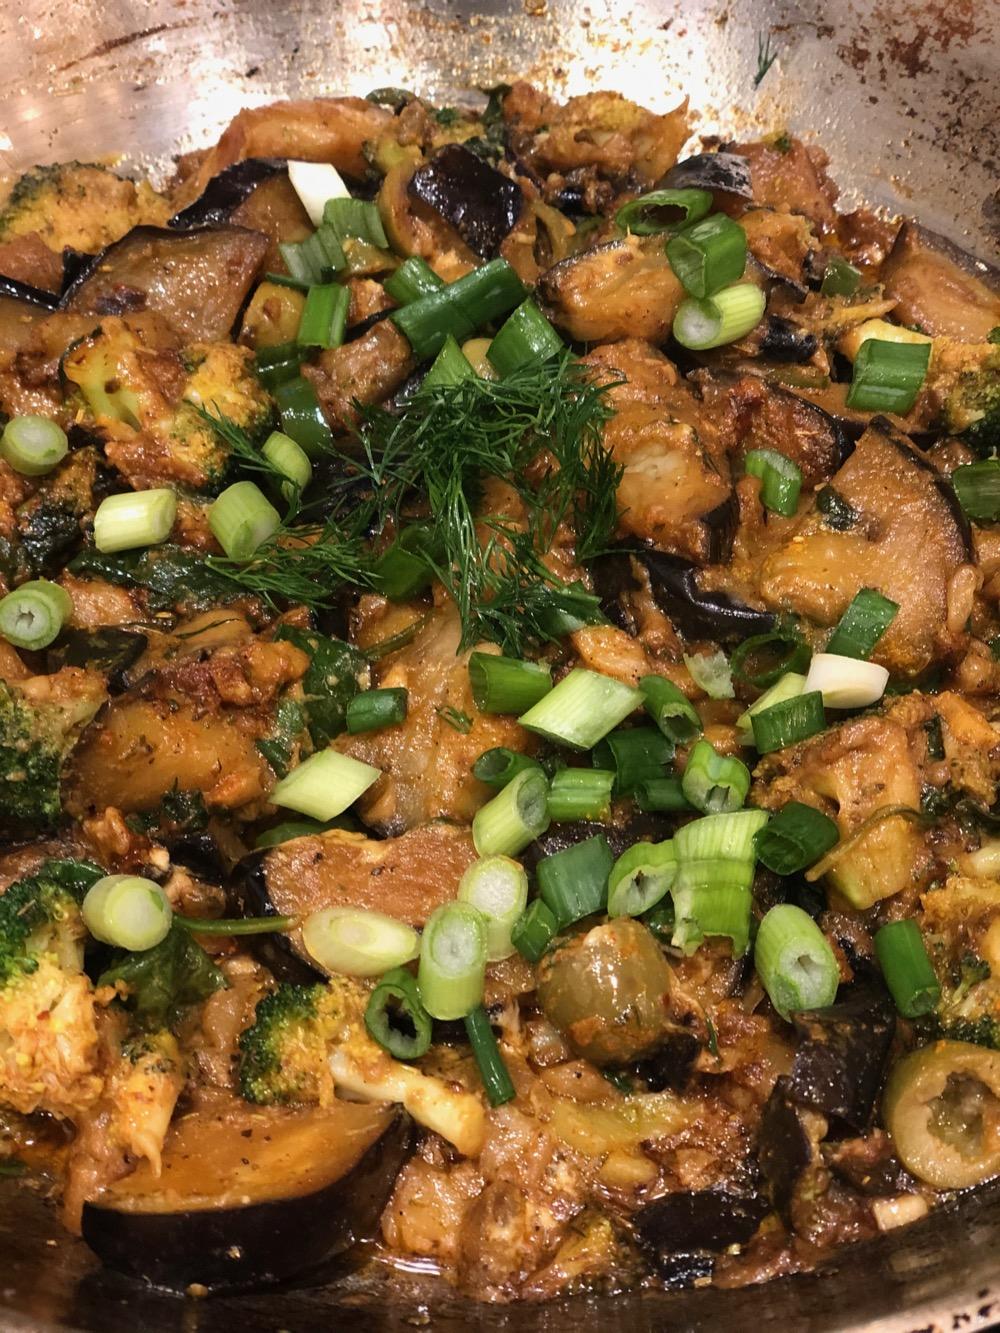 Eggplant Broccoli Dijonnaise is ready!